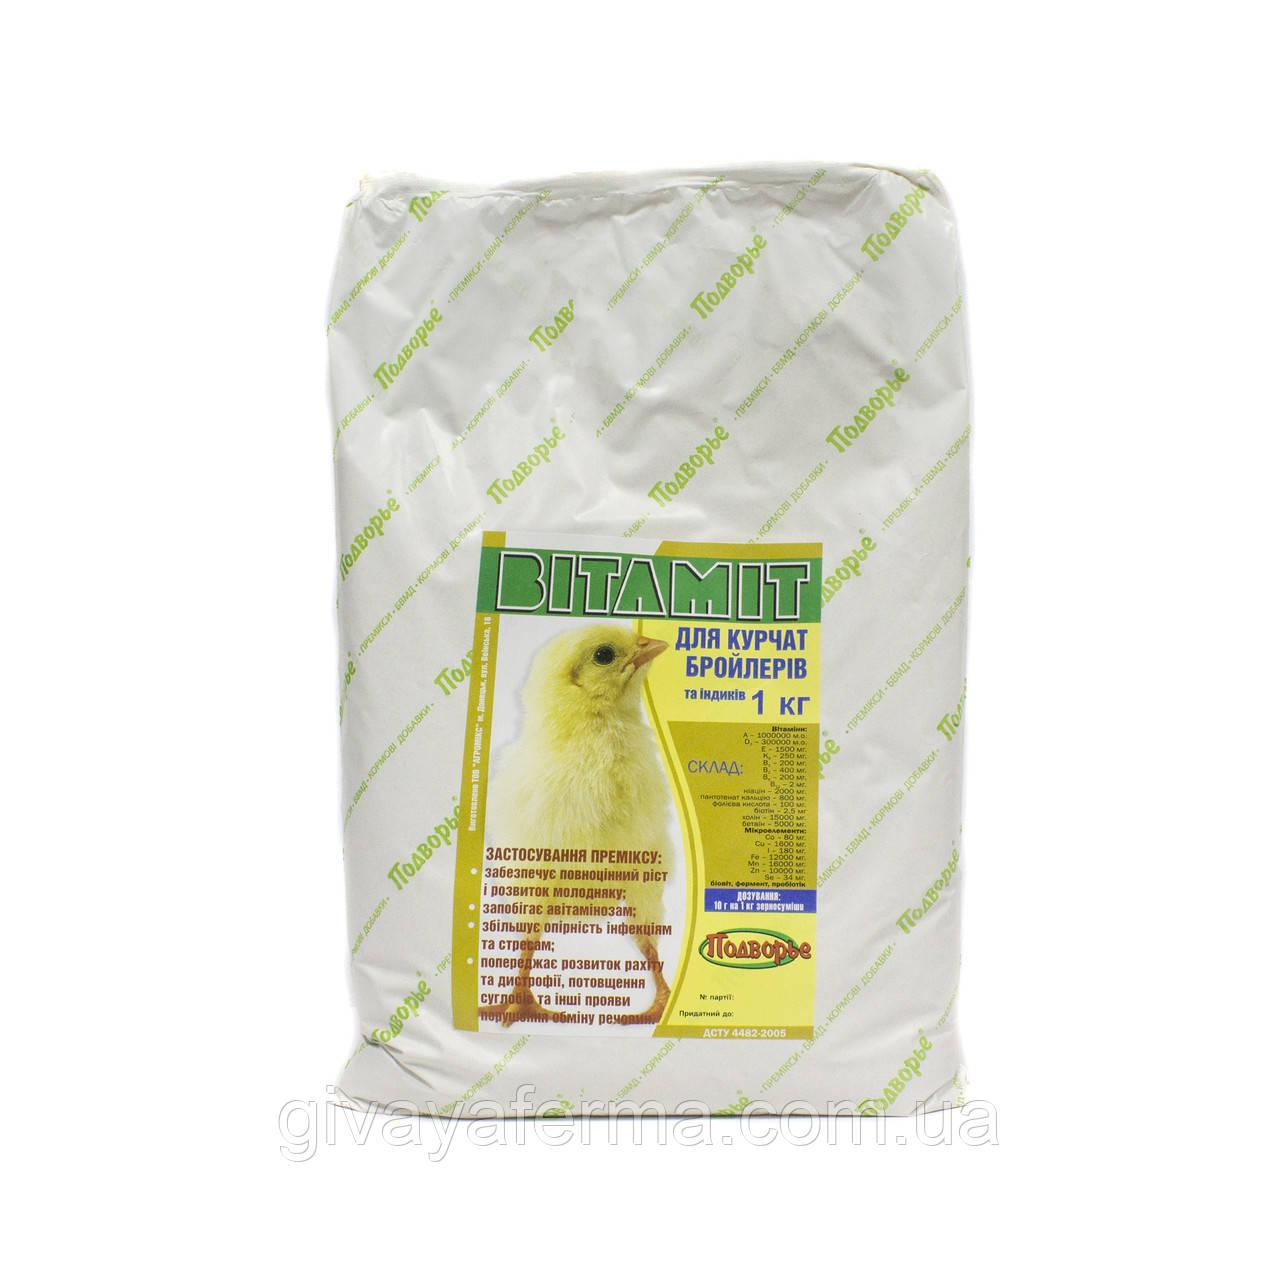 Витаминный премикс Витамит - бройлер старт 1%, 1 кг, витаминно-минеральный комплекс